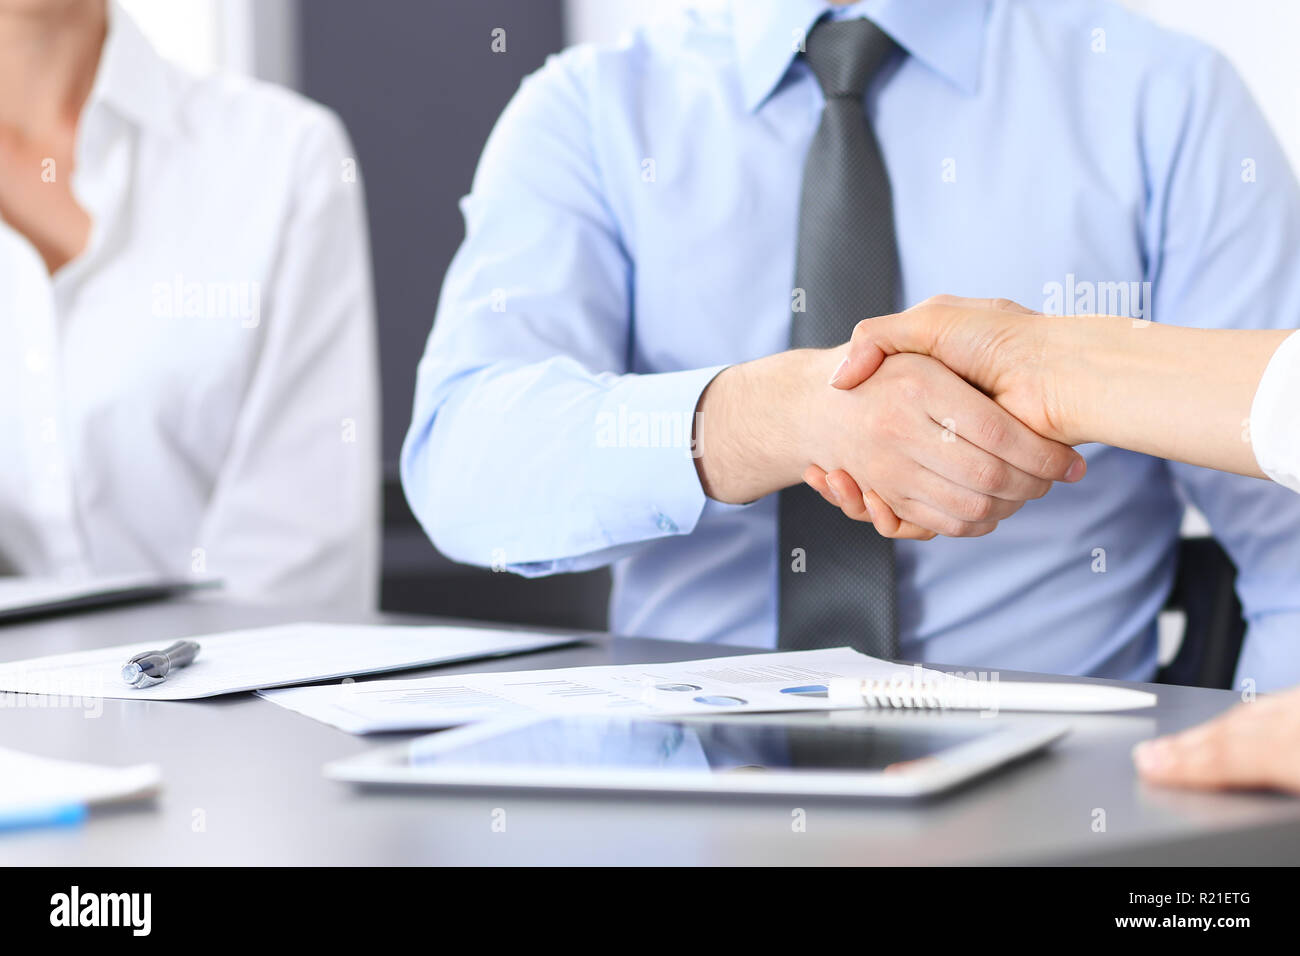 Merveilleux Close Up Business Handshake Bei Der Sitzung Oder Verhandlung über Dem  Schreibtisch Im Büro. Partner Die Hände Schütteln, Da Unterzeichnen Vertrag  Oder ...